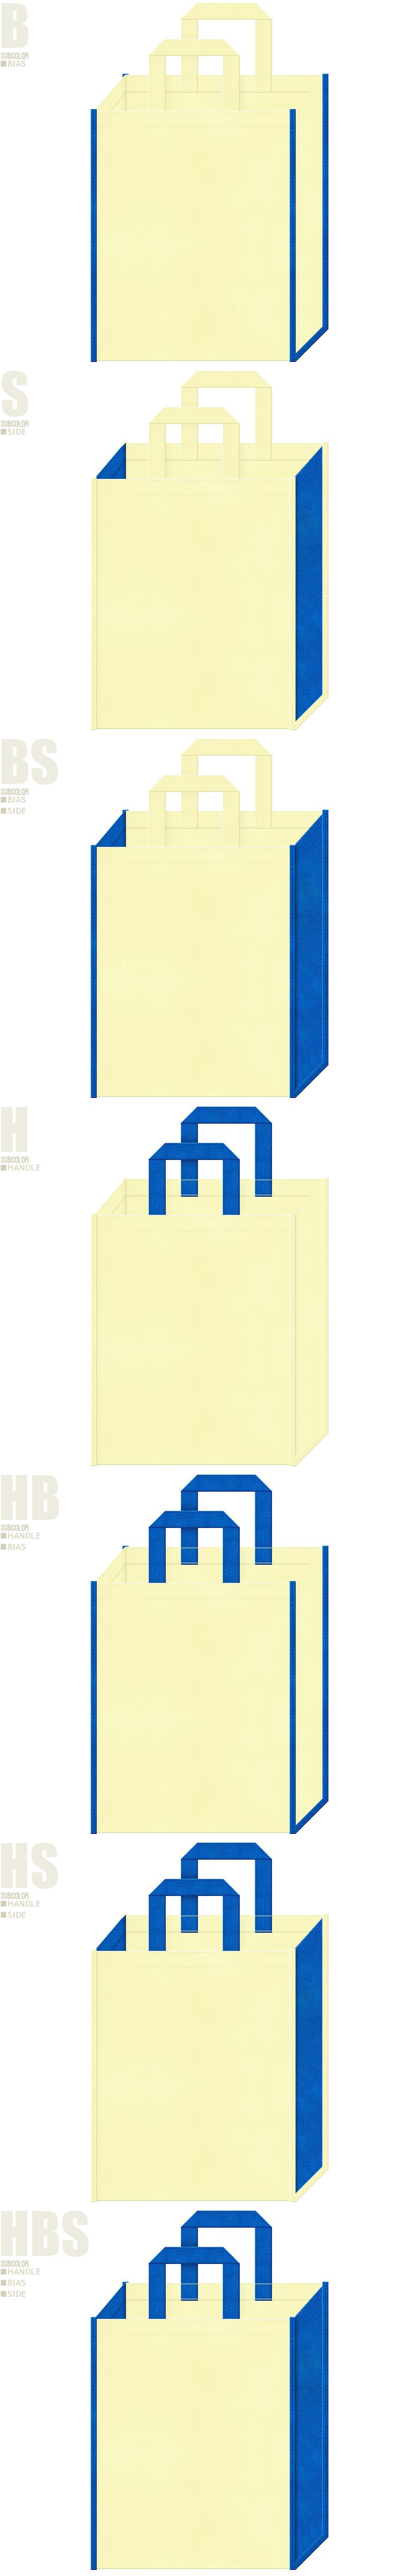 不織布トートバッグのデザイン例-不織布メインカラー、クリームイエロー+サブカラーNo.22の2色7パターン